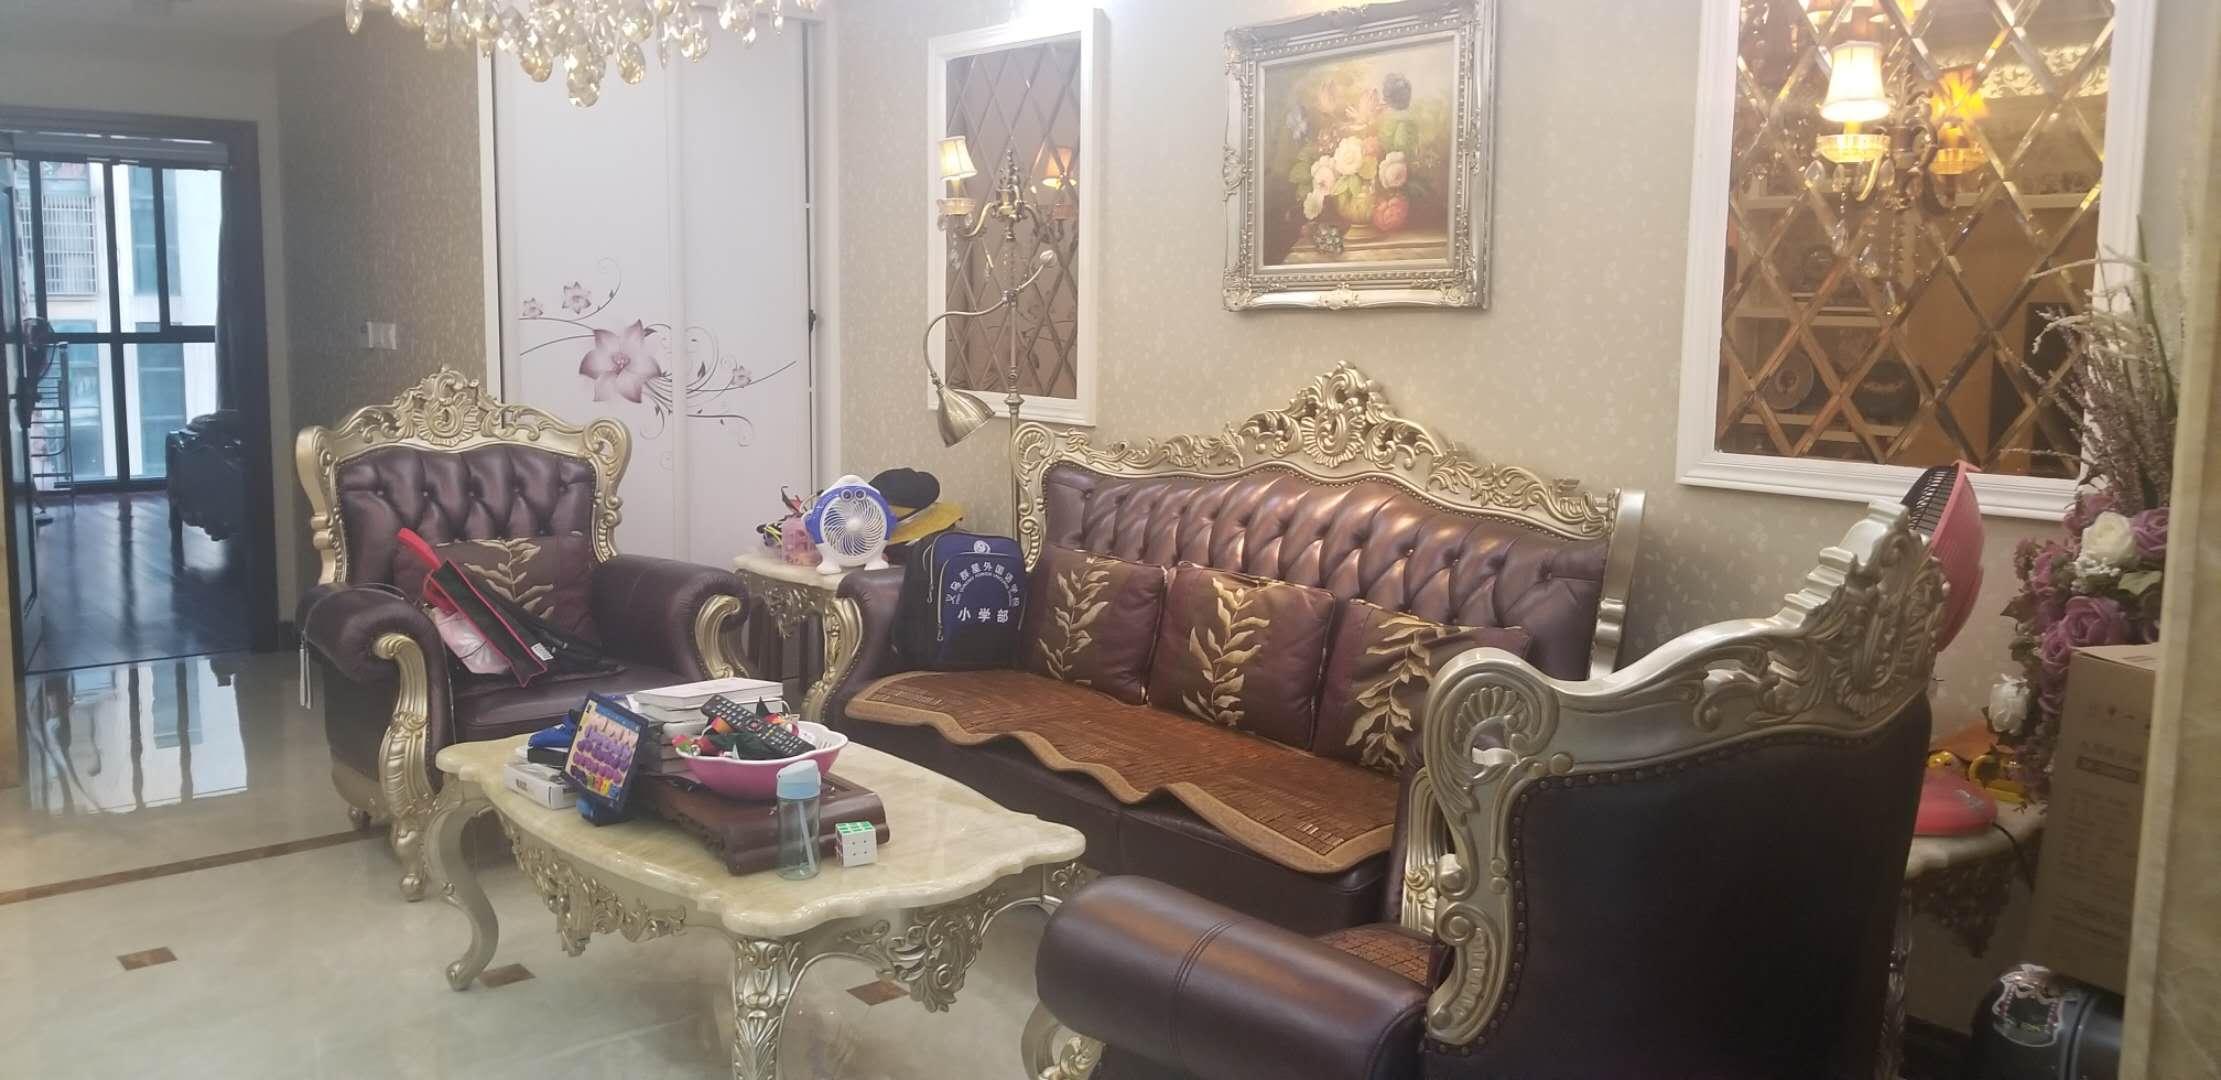 金城二期 130平米精装新房 不得已诚心出售 欢迎垂询!!!